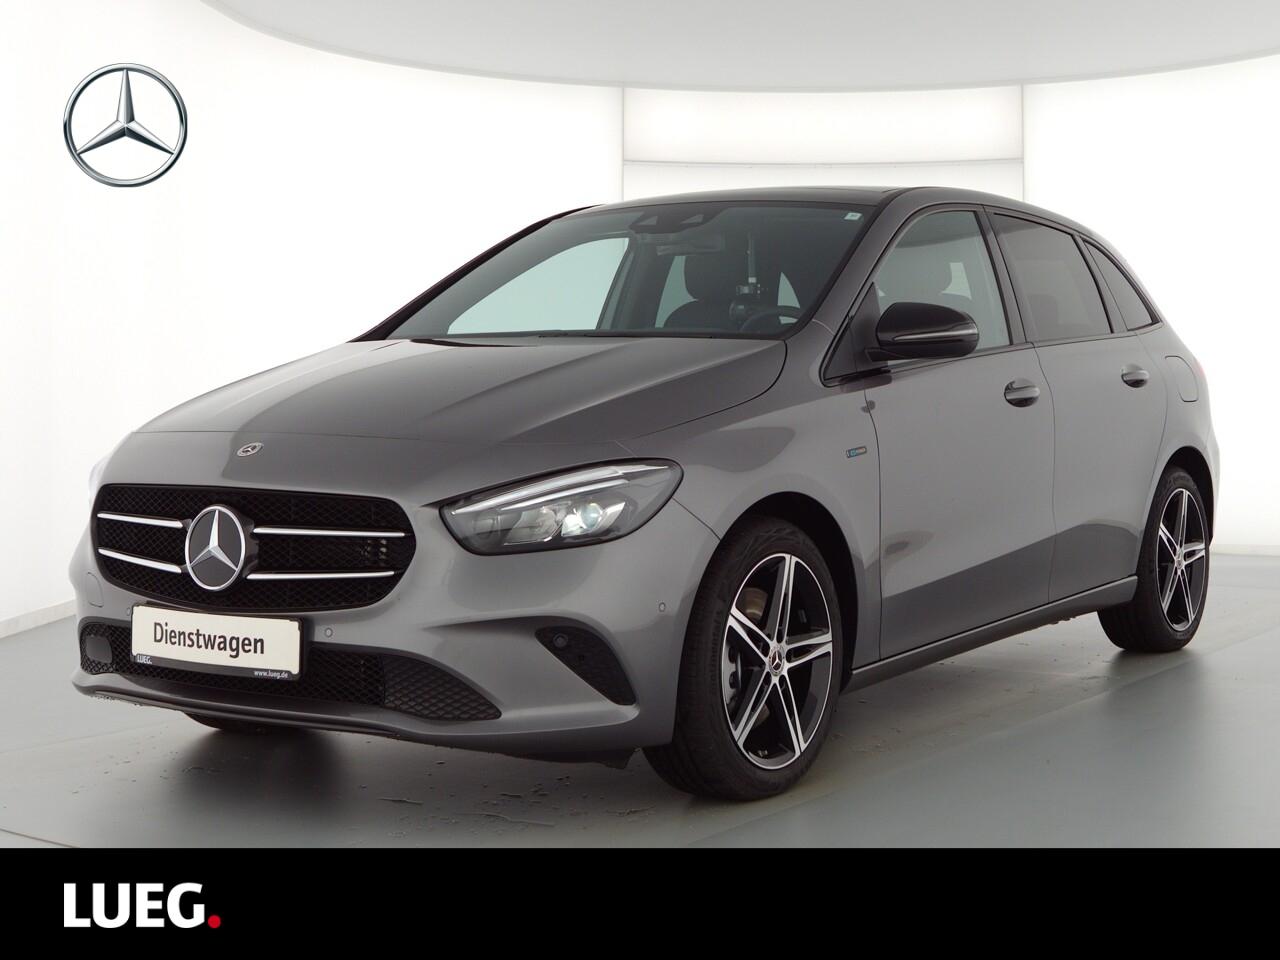 Mercedes-Benz B 250 e Sitzklima+Pano.-Dach+Night+HUD+LED+AHK, Jahr 2021, Hybrid